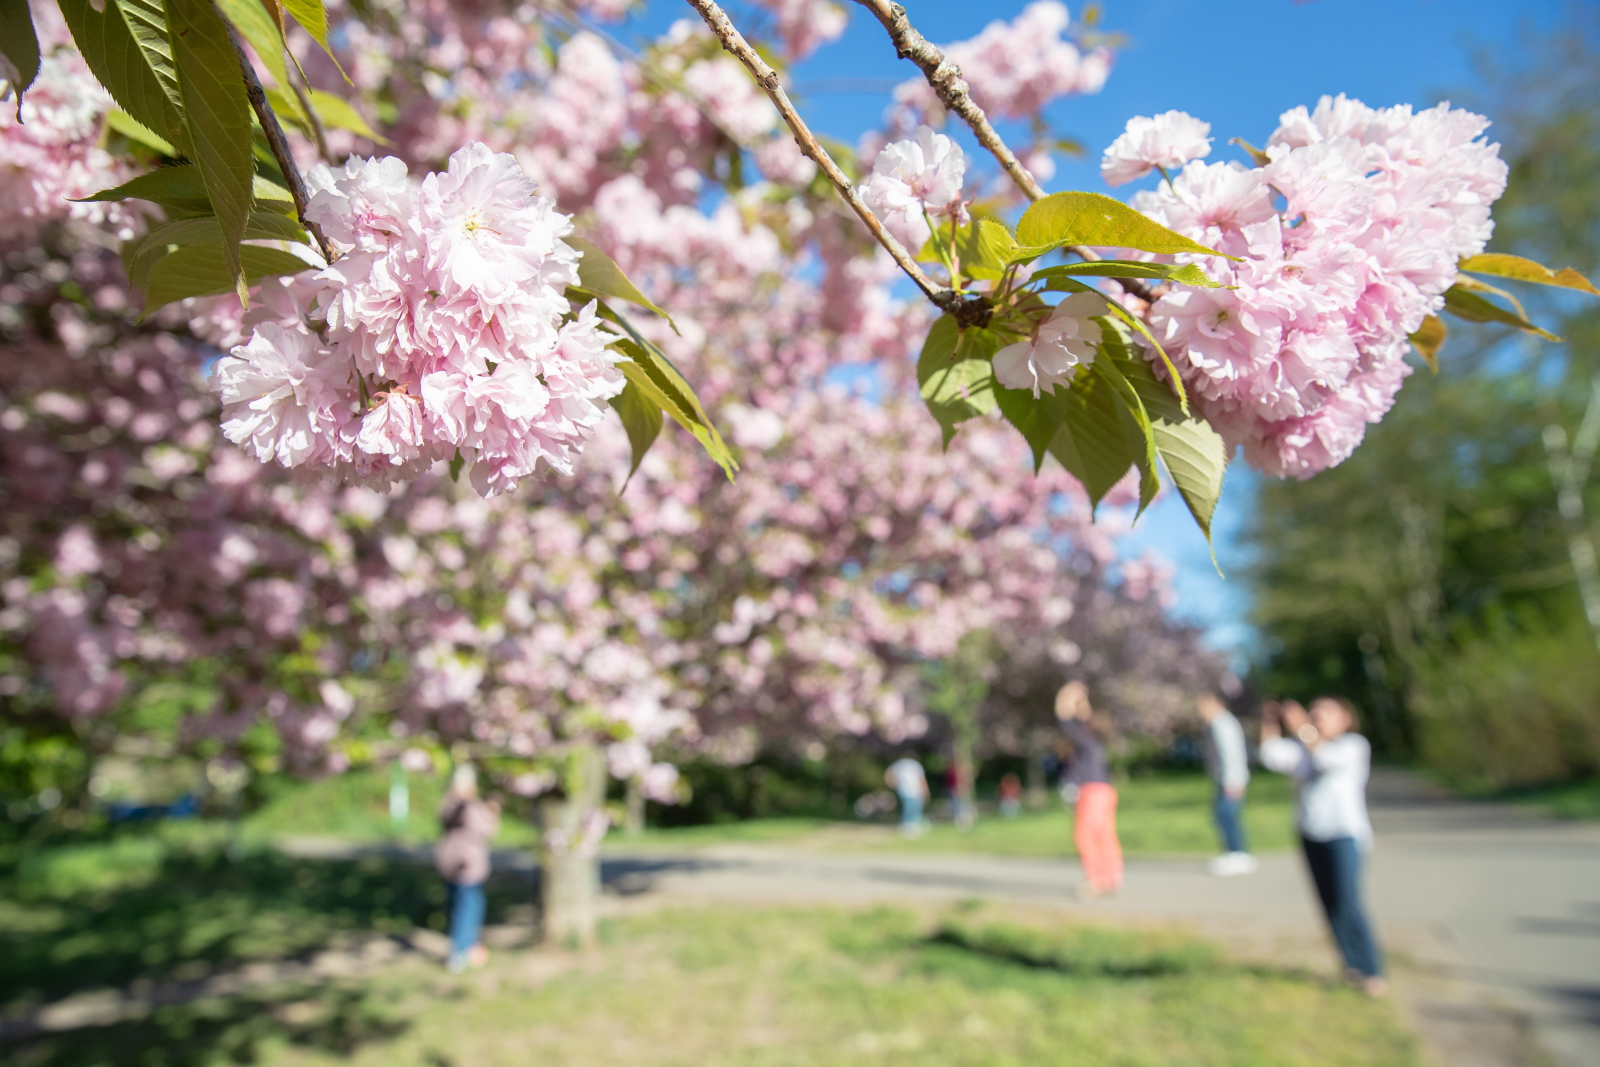 Festiwal kwitnącej wiśni w Berlinie. Fot. PAP/EPA/HAYOUNG JEON